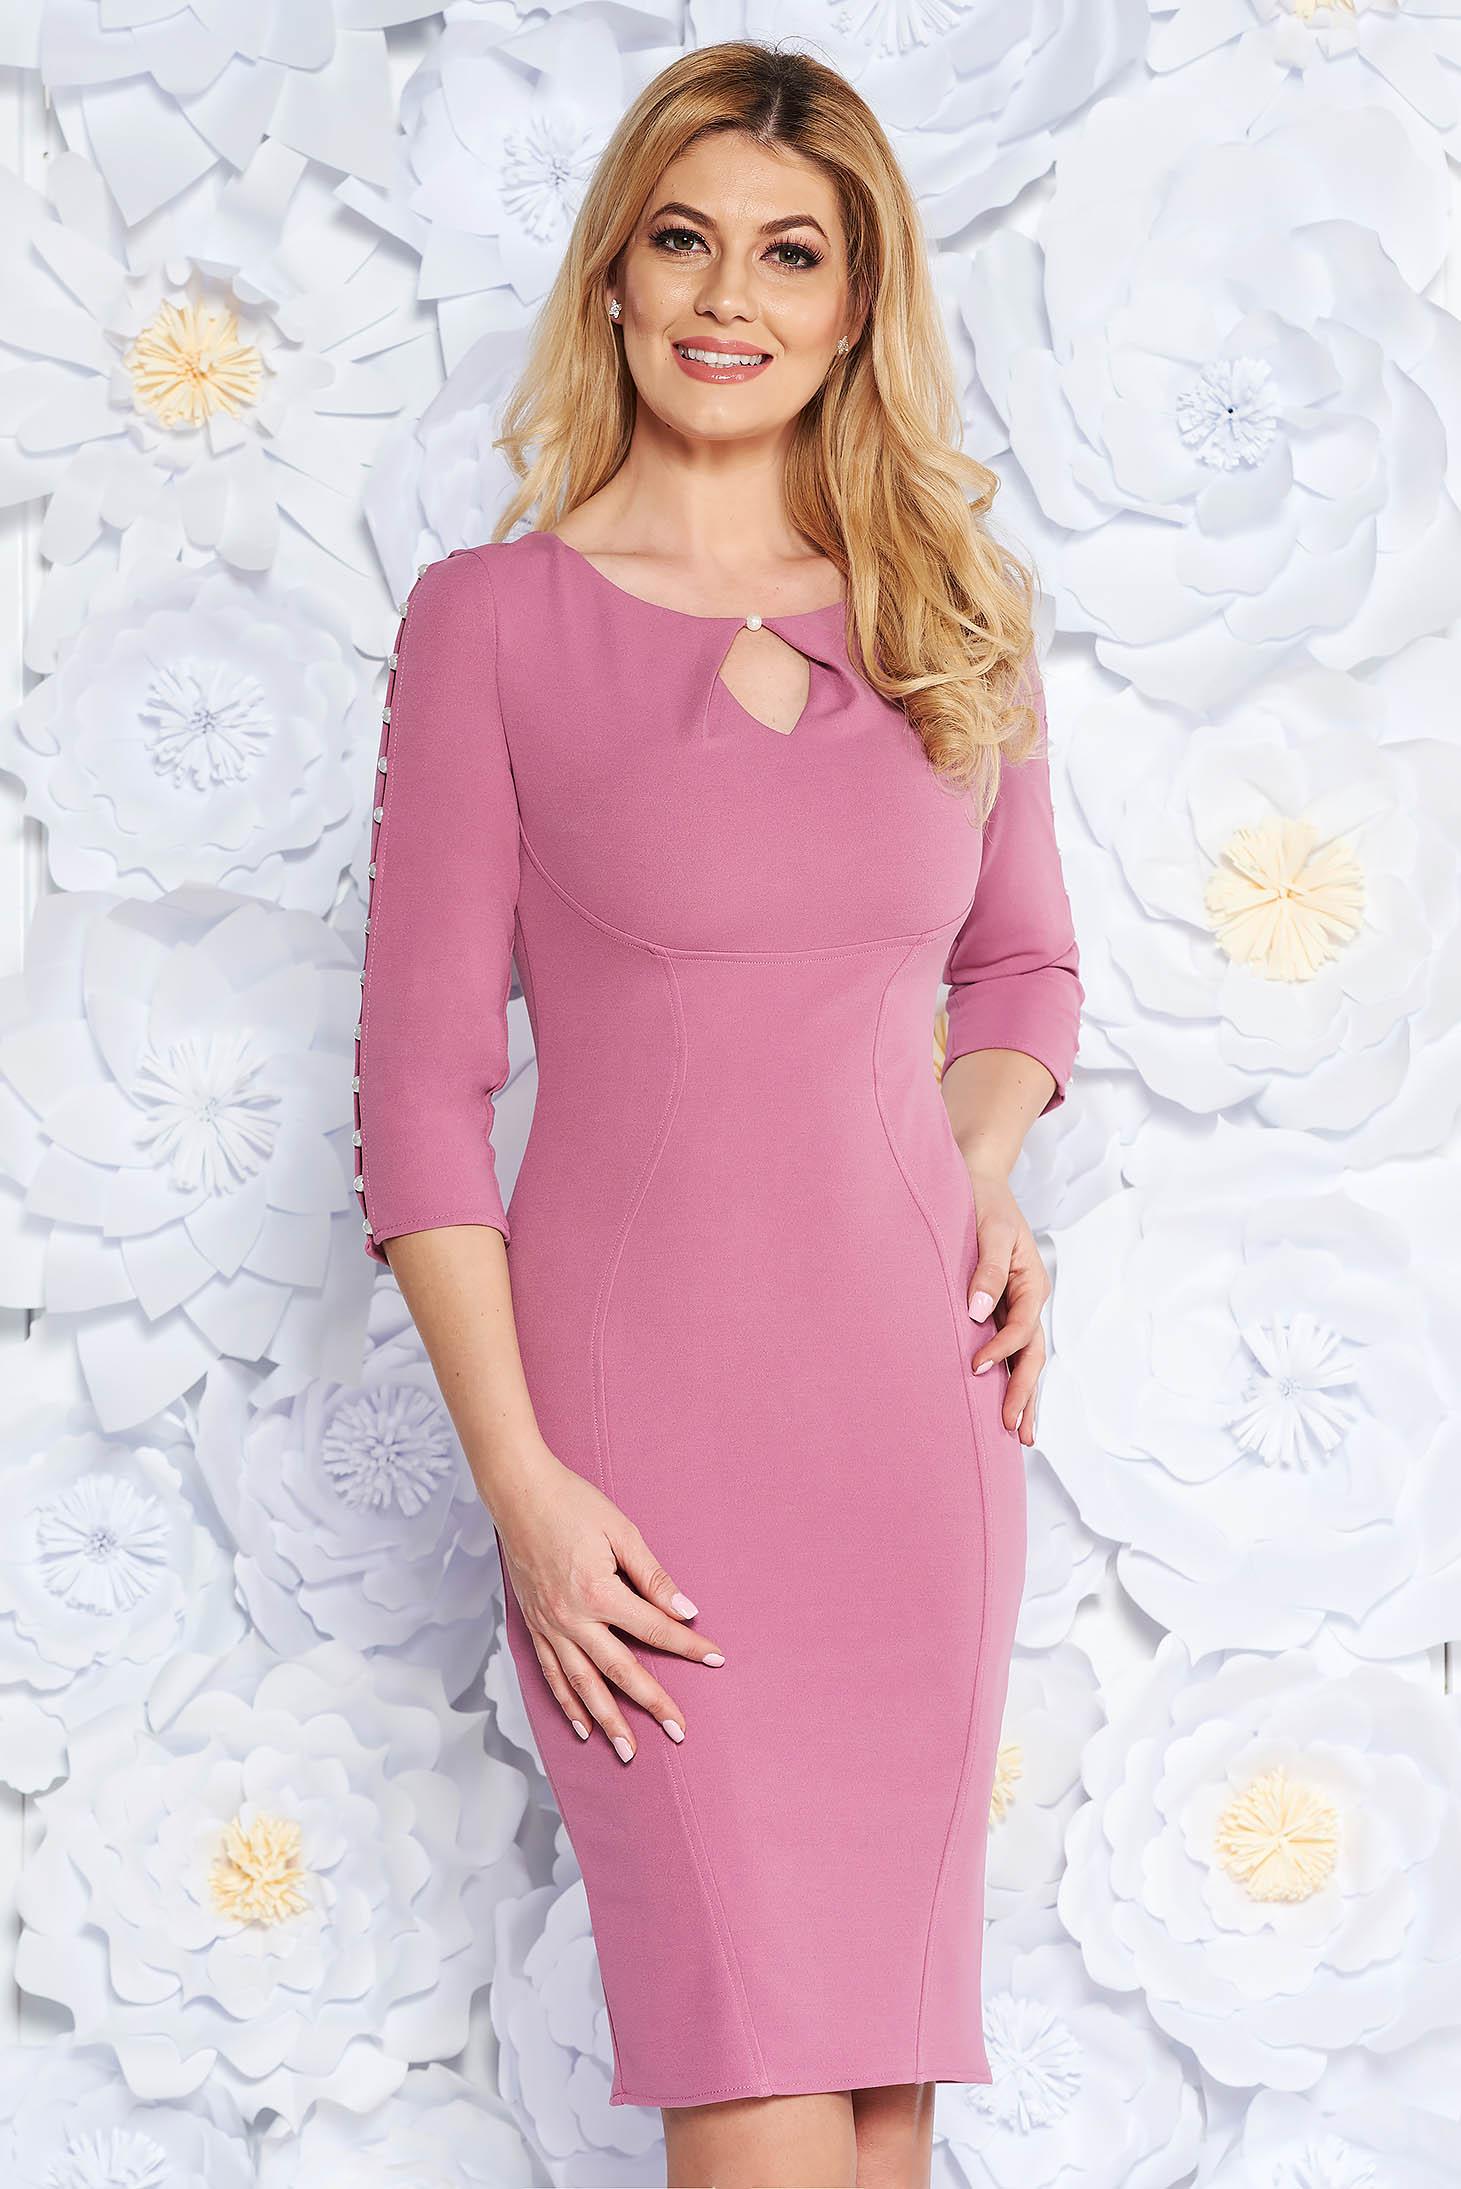 Rochie lila eleganta tip creion din bumbac elastic cu maneci decupate cu aplicatii cu perle